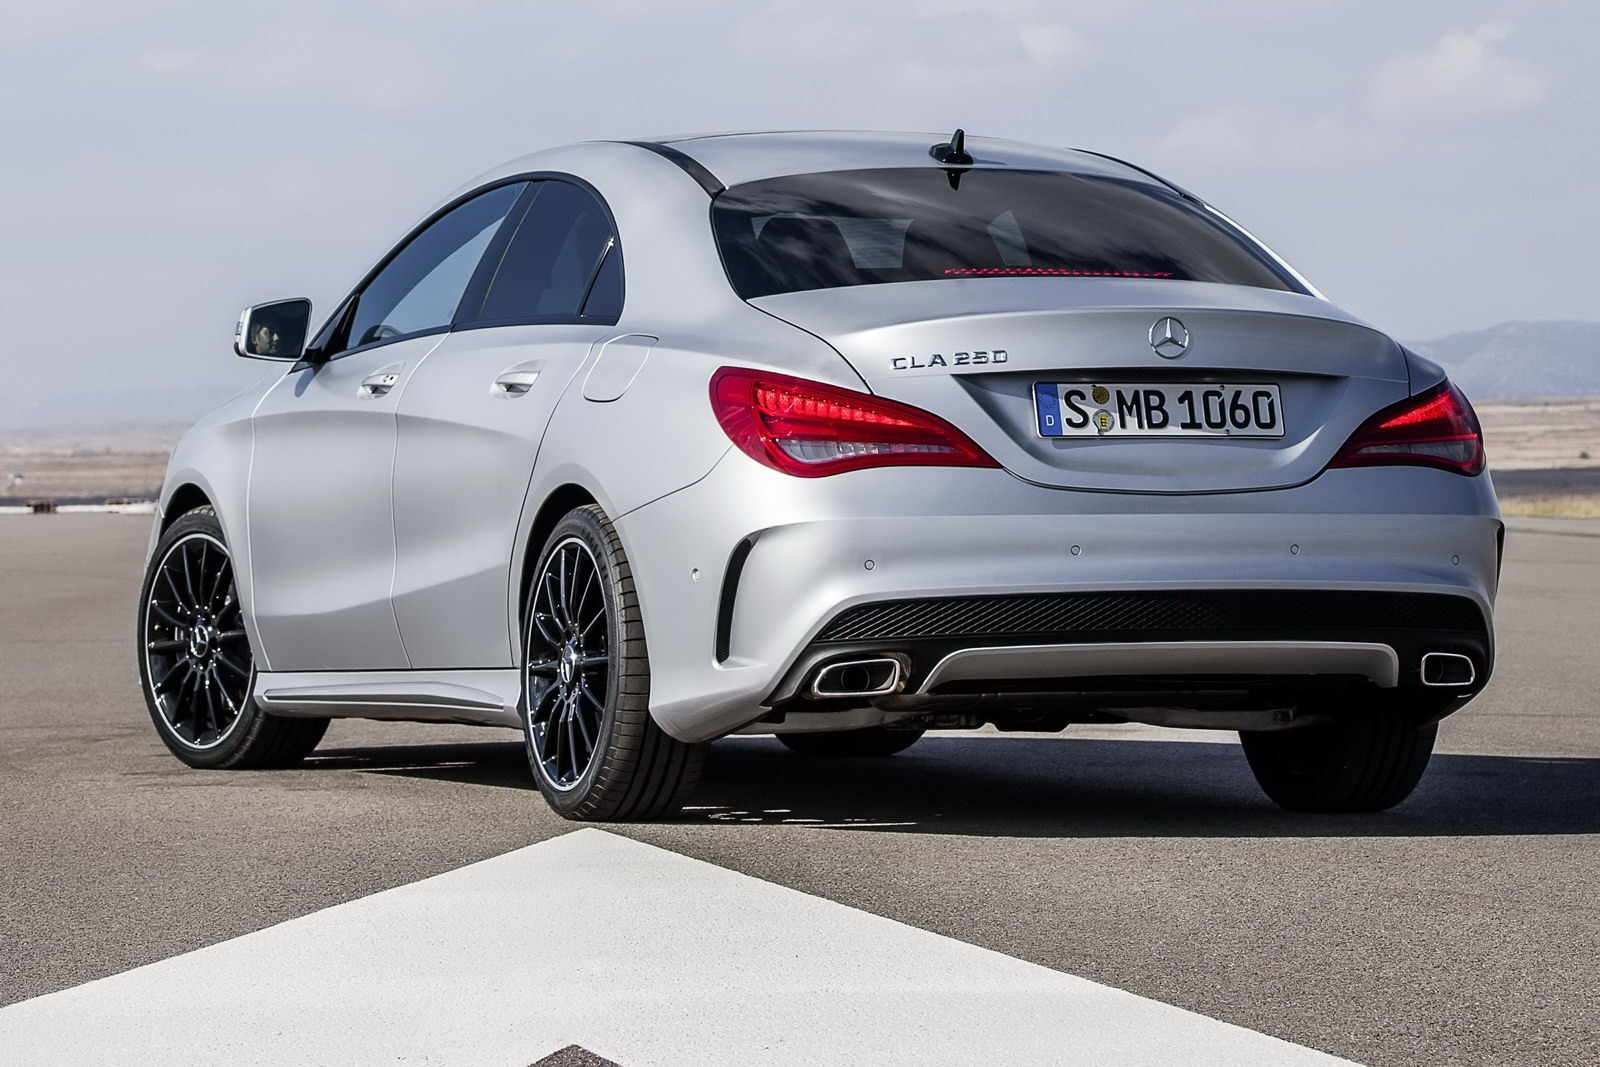 22341 скачать обои Транспорт, Машины, Мерседес (Mercedes) - заставки и картинки бесплатно